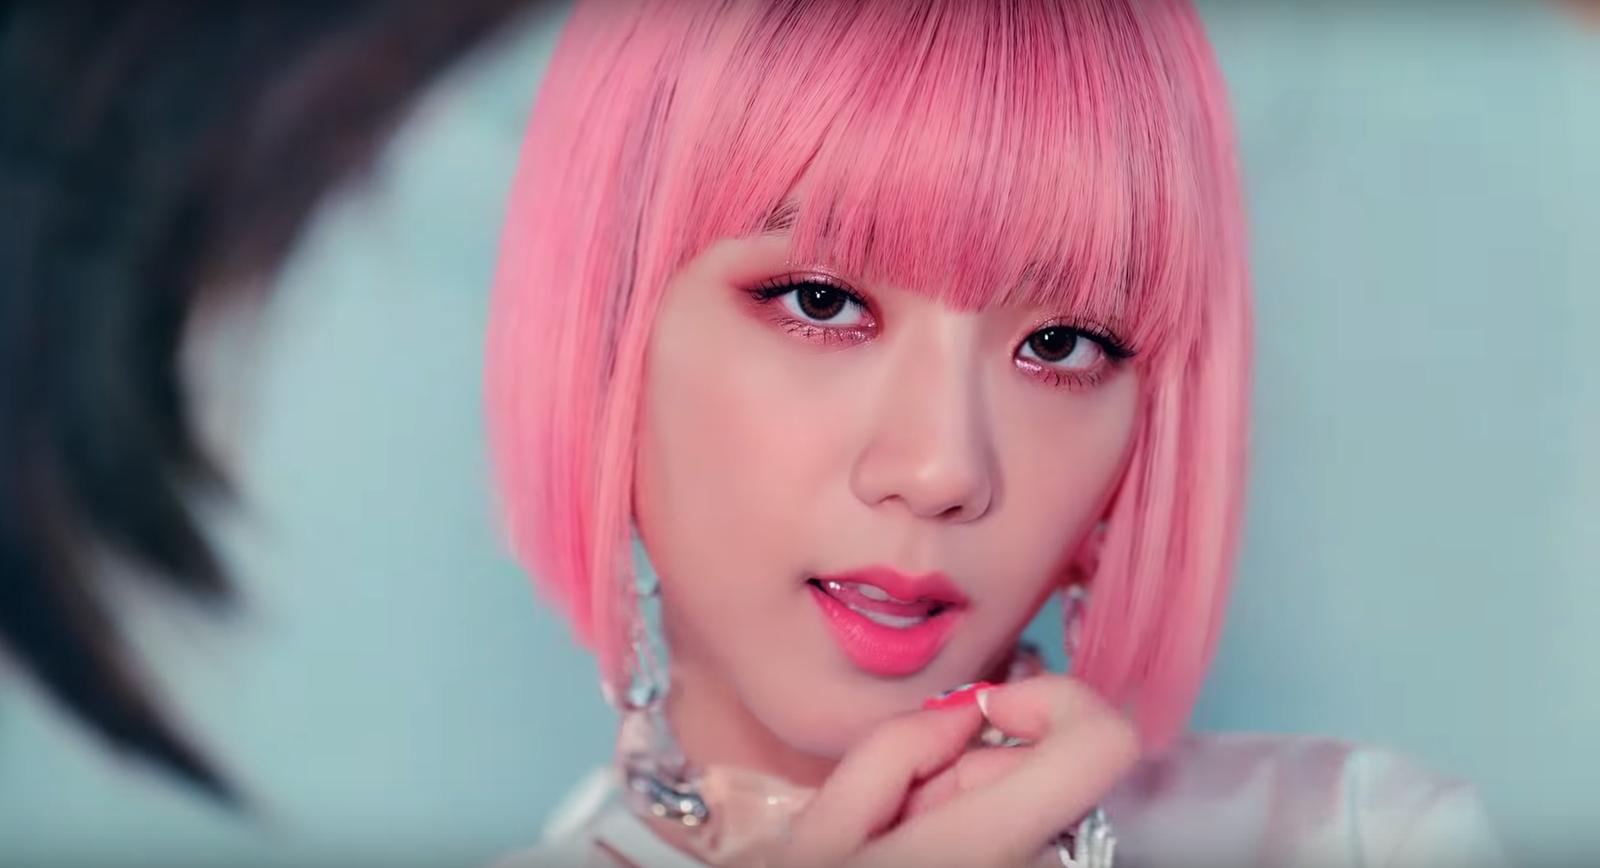 Đẳng cấp của idol đẹp như Hoa hậu: Jisoo chứng minh khả năng cân được mọi màu tóc, từ cơ bản đến chóe lọe - Ảnh 7.